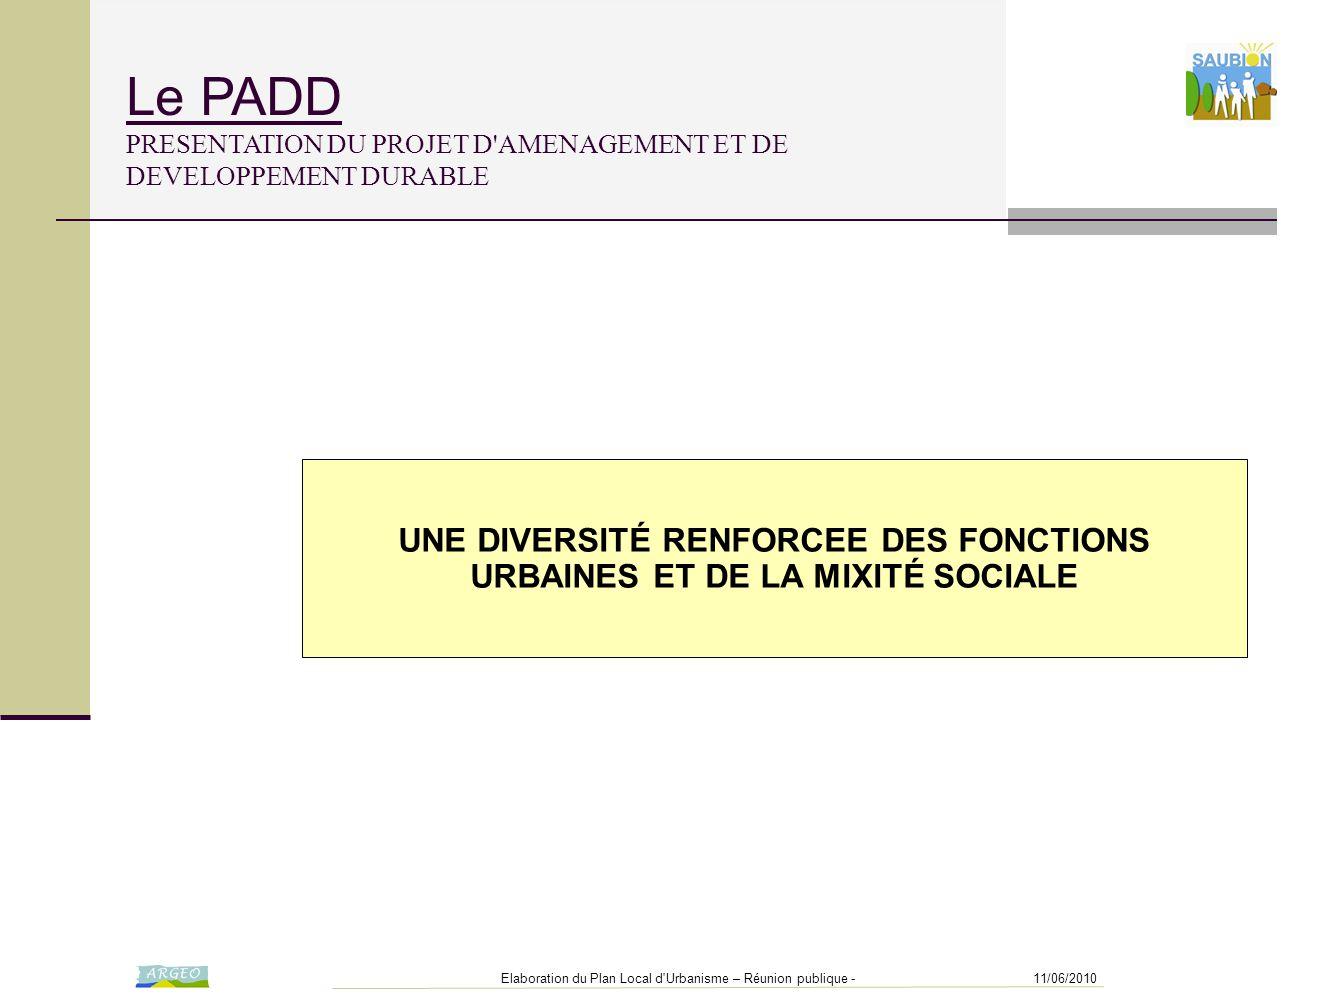 UNE DIVERSITÉ RENFORCEE DES FONCTIONS URBAINES ET DE LA MIXITÉ SOCIALE